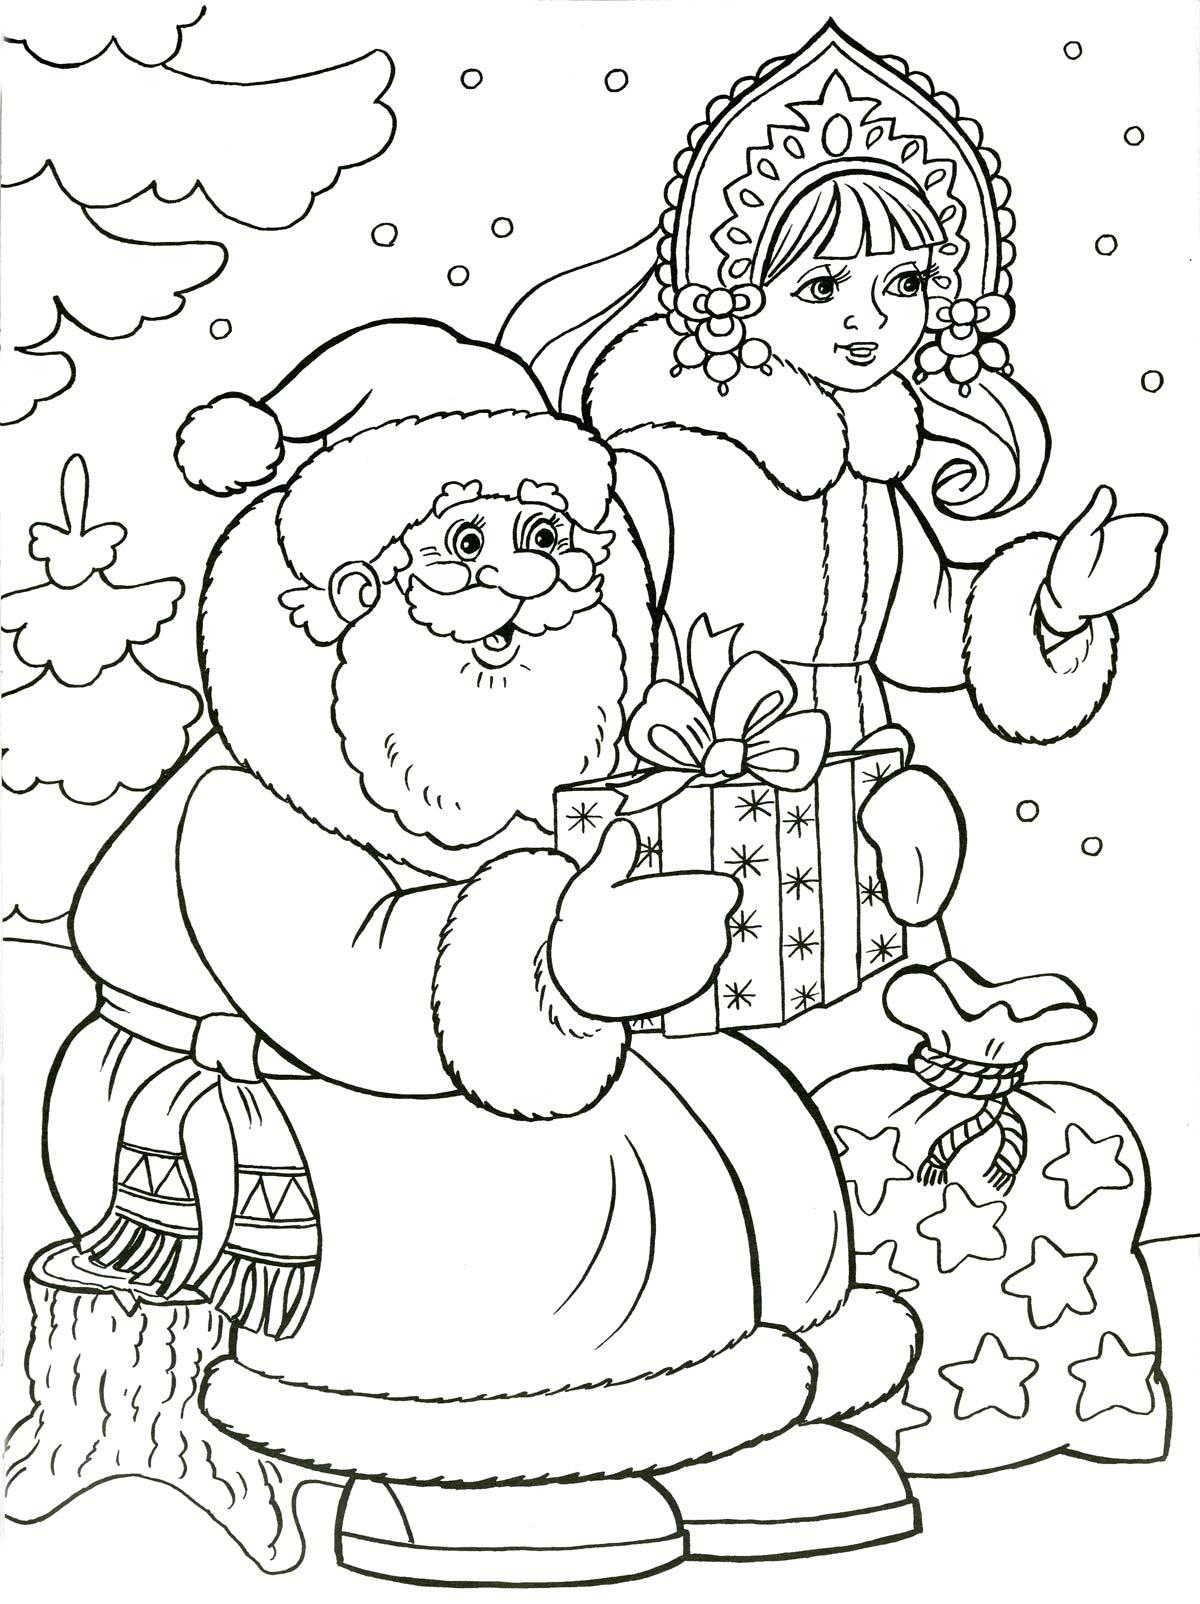 Раскраски новый год дед мороз снегурочка